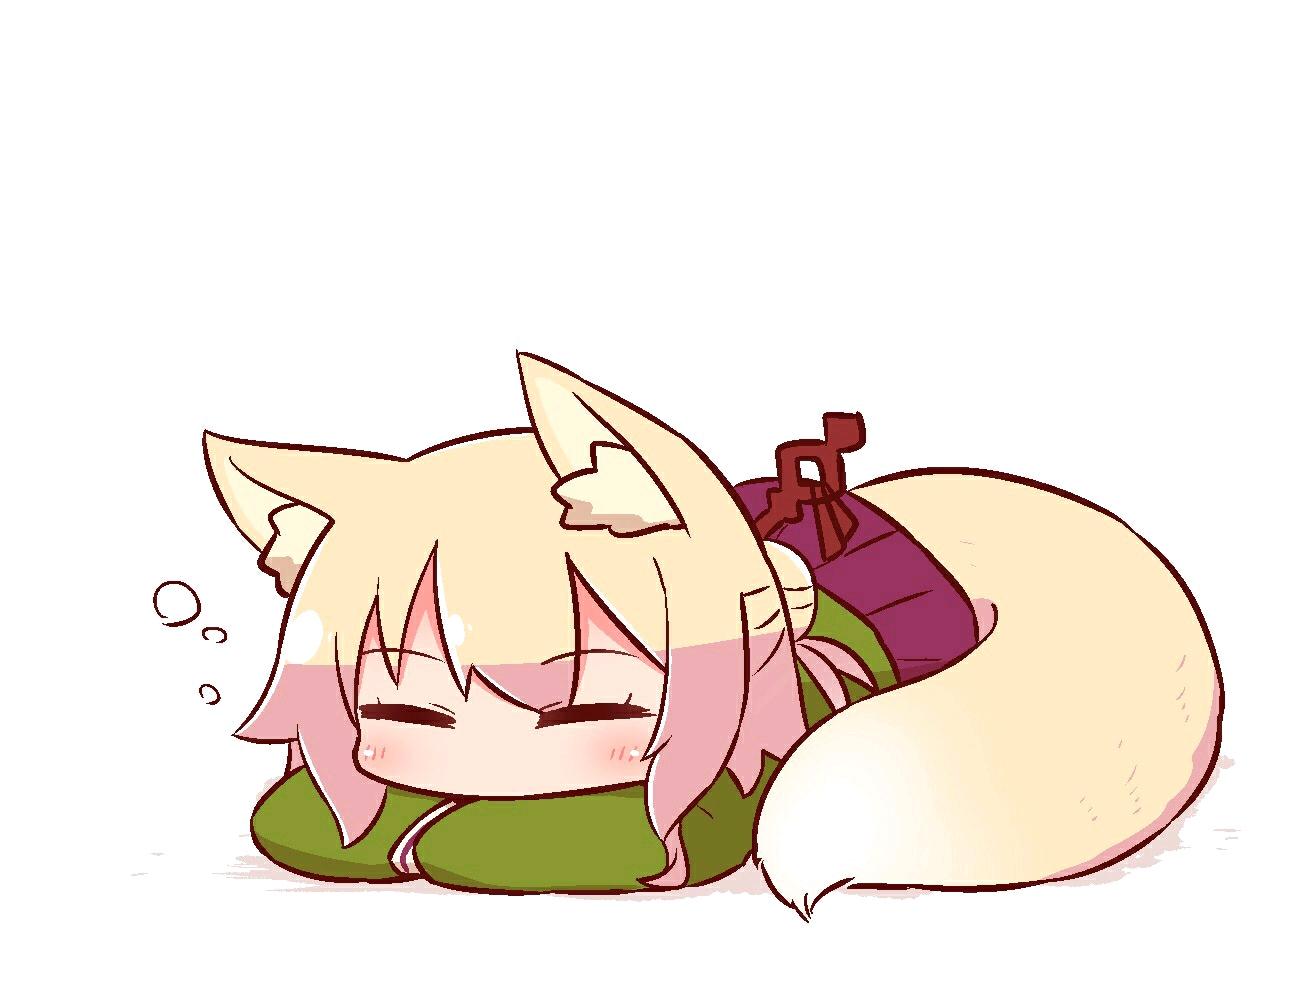 【ケモミミちゃん】小狐狸兽耳酱的表情包收集